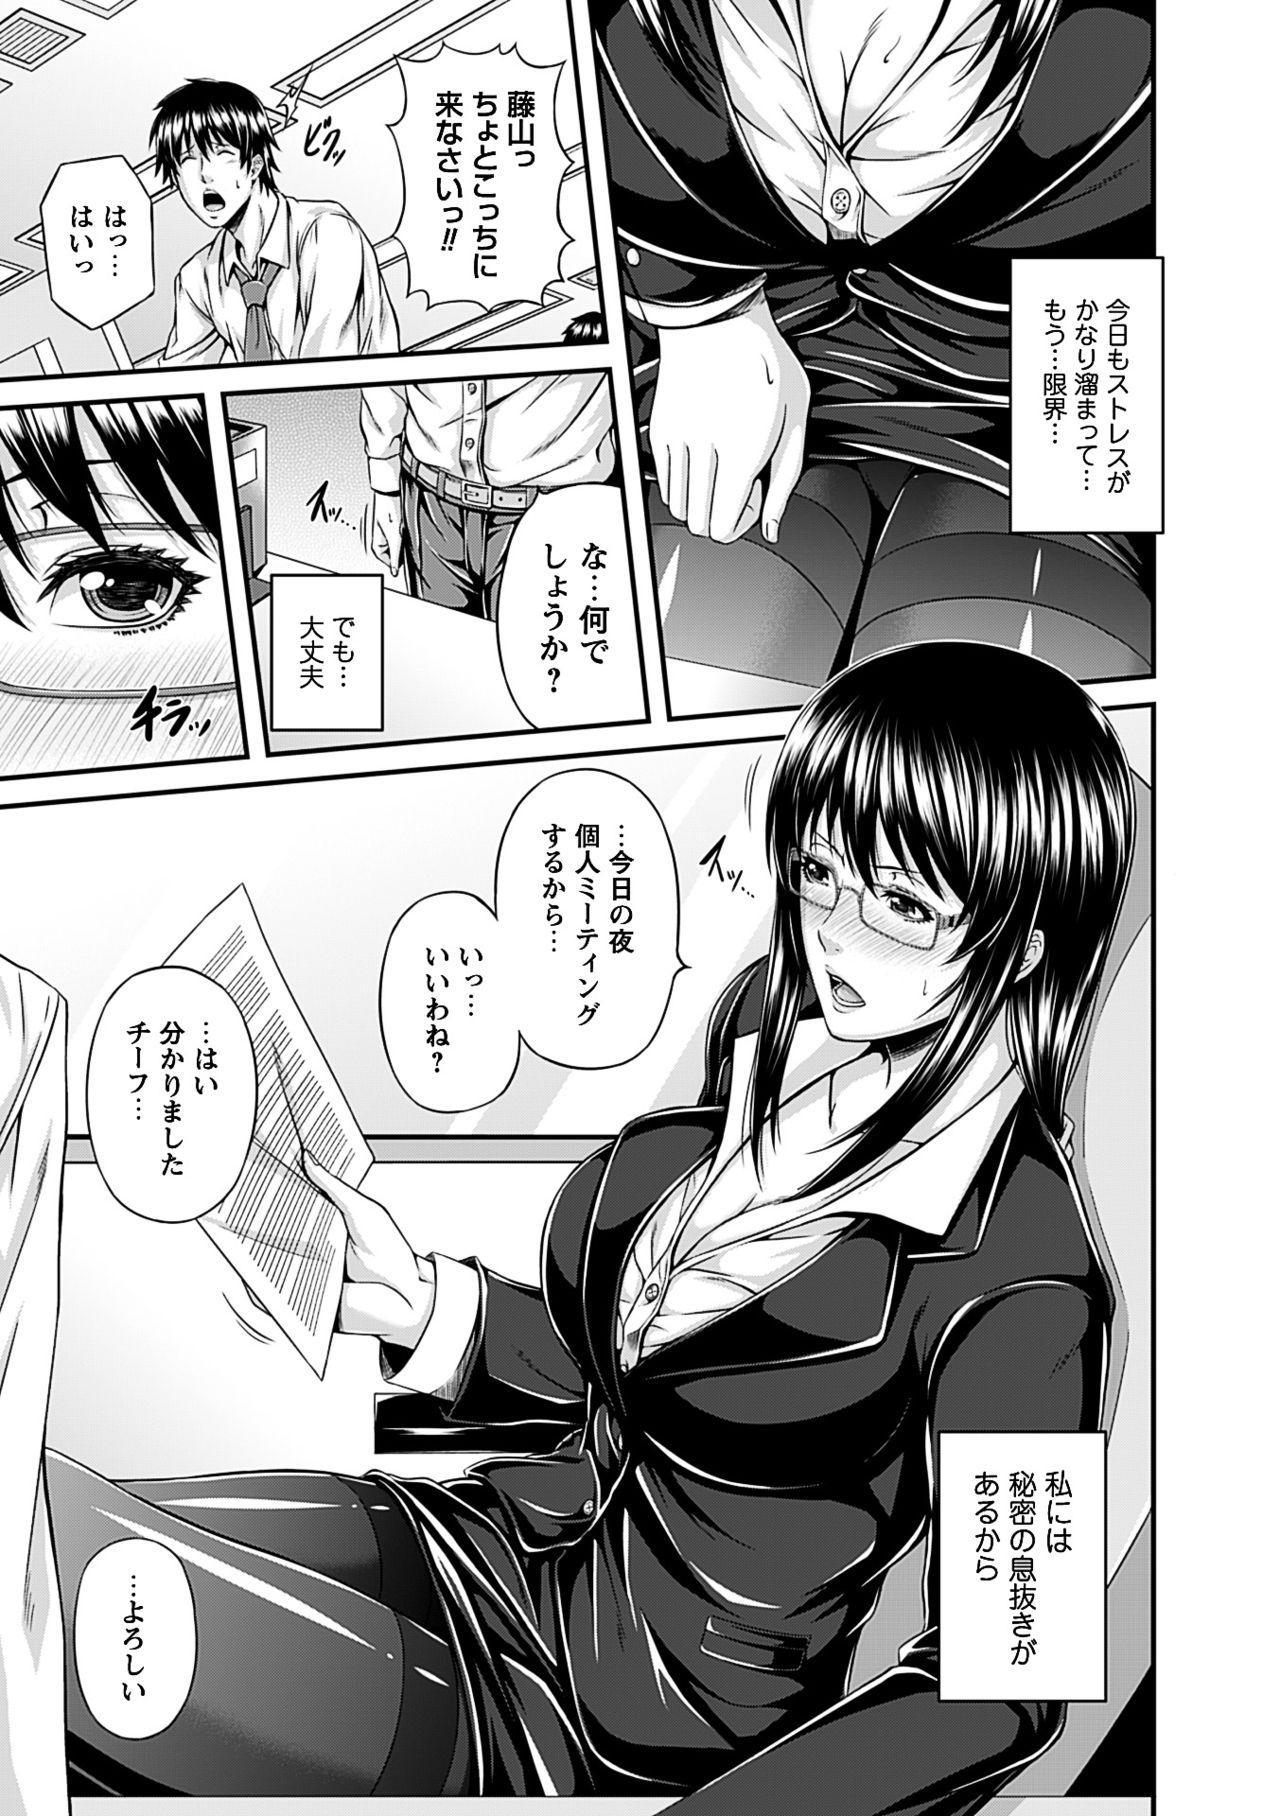 Mesu Hana ga Ochiru Toki - Maidenly Bloom Fallen 118